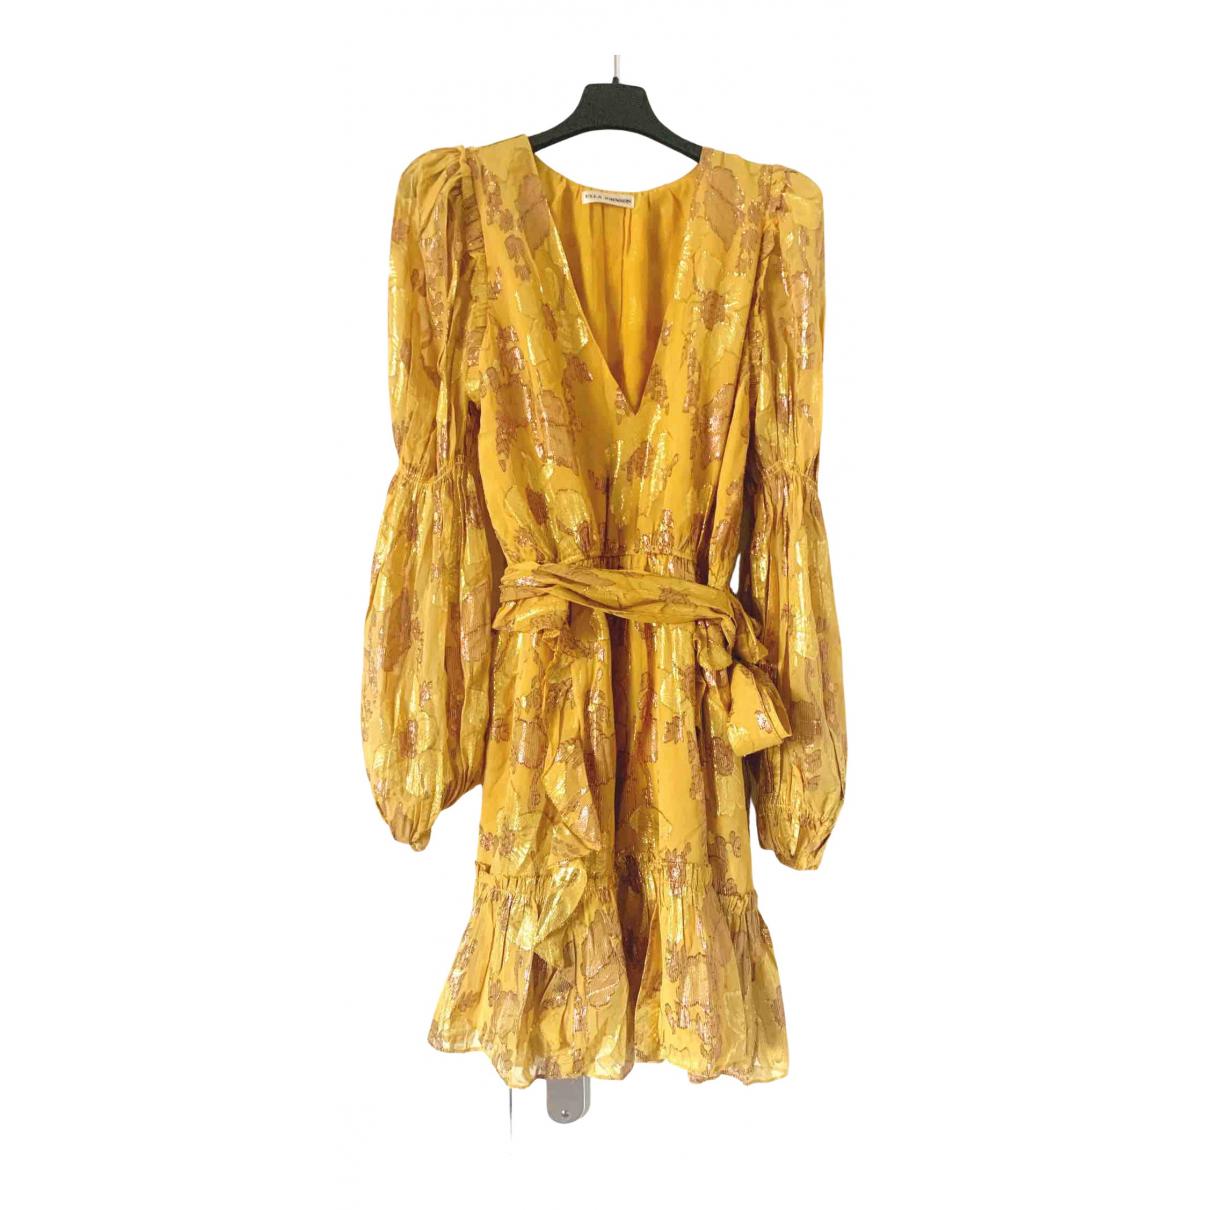 Ulla Johnson \N Kleid in  Gelb Seide